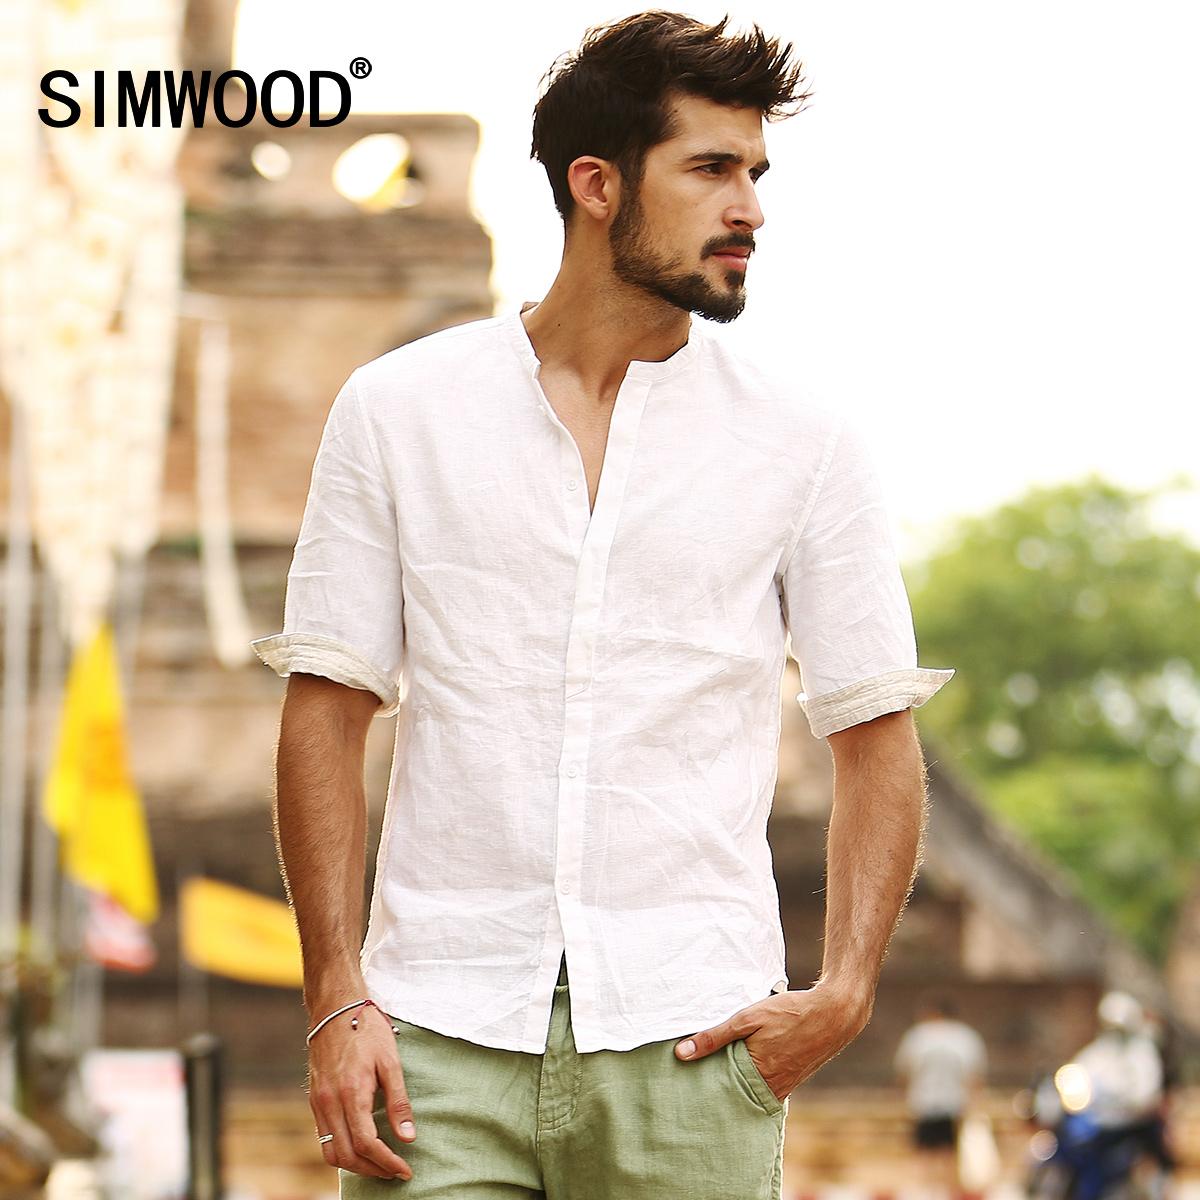 simwood旗舰店